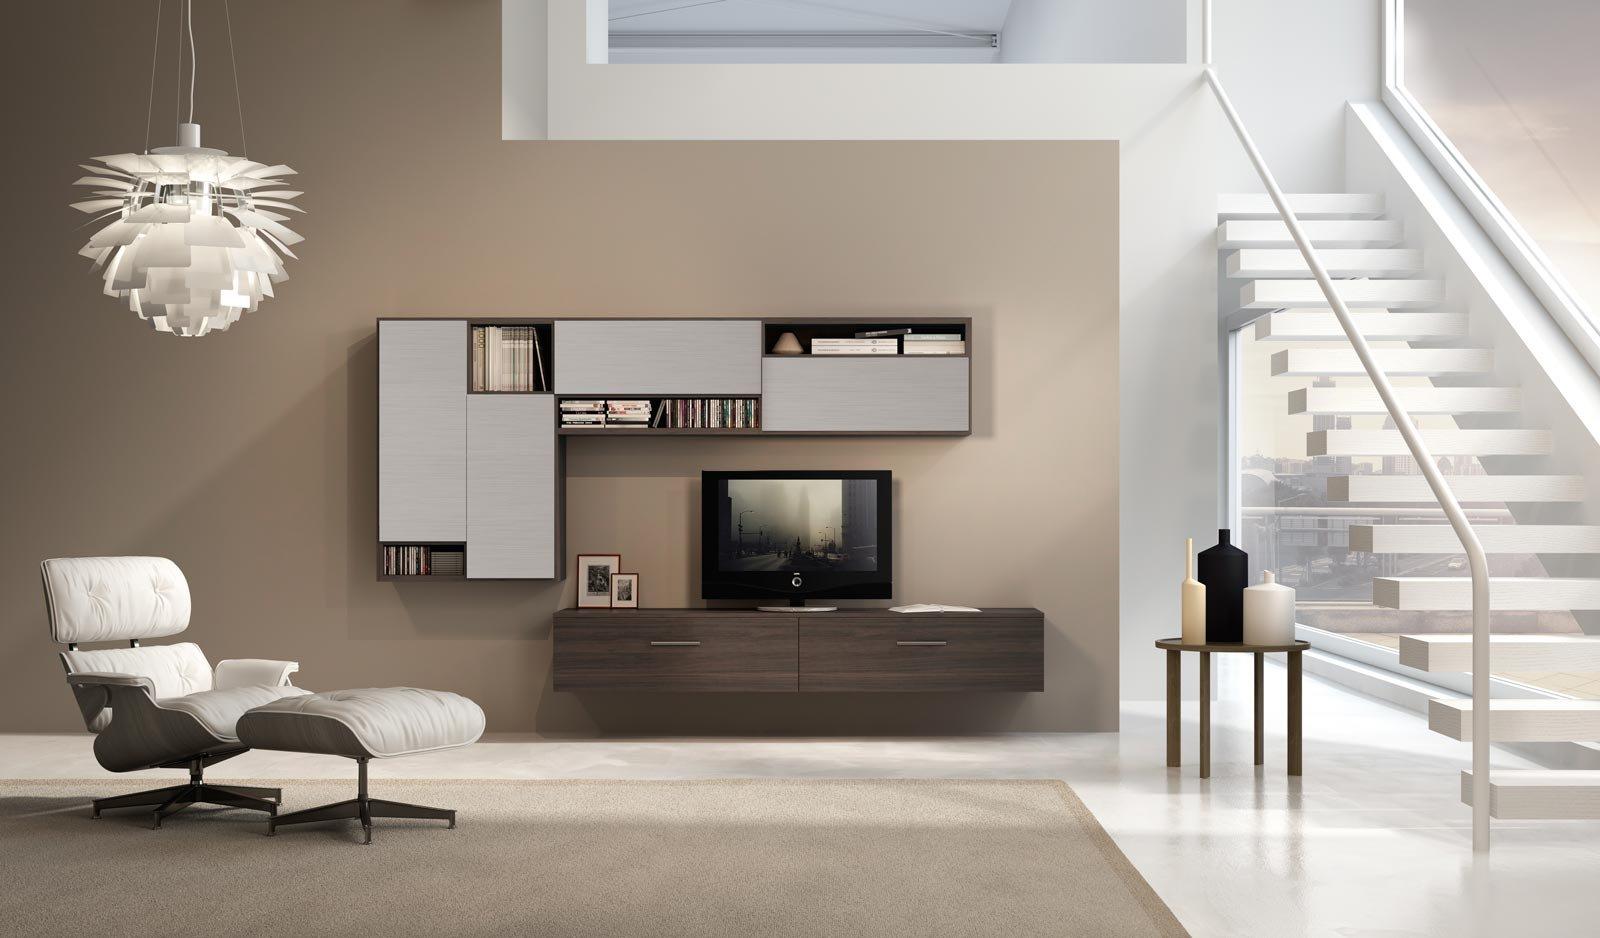 Mobili sospesi per il living o l 39 ingresso cose di casa - Mobili soggiorno sospesi moderni ...